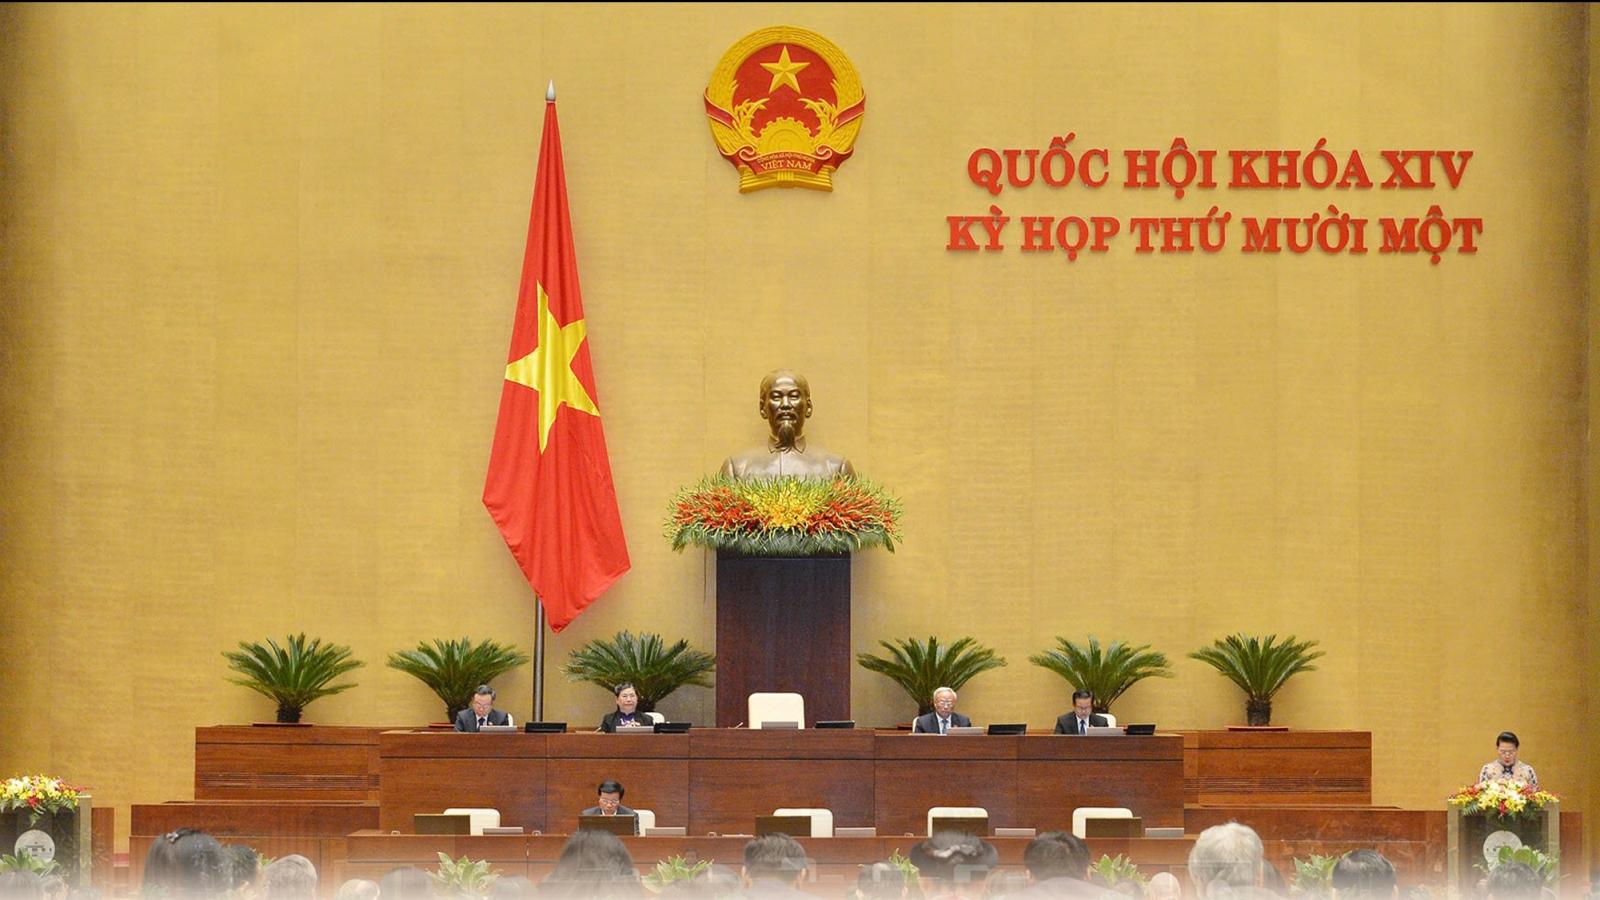 6 Bí thư Thành ủy, Tỉnh ủy vừa được Quốc hội bầu và phê chuẩn giữ các chức vụ ở Trung ương